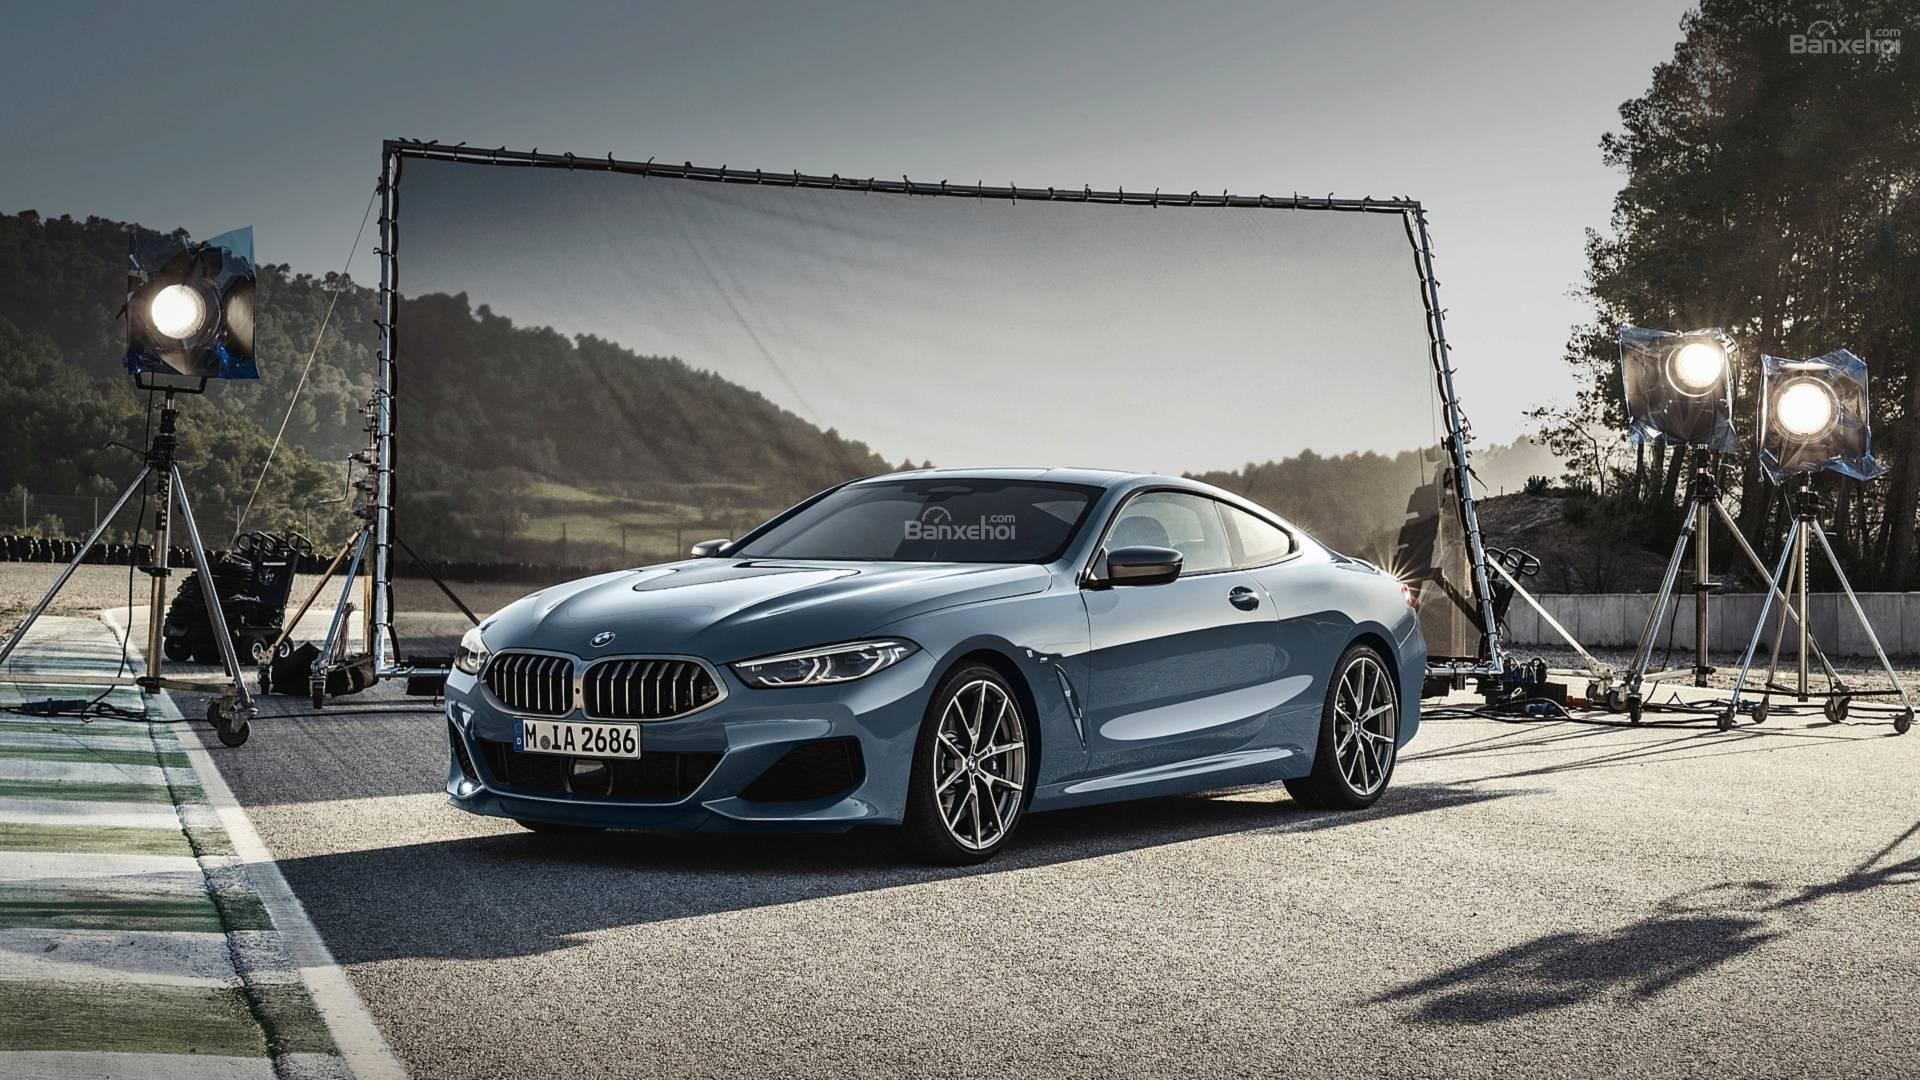 Đánh giá xe BMW 8-Series 2019: Hoàn hảo đến từng chi tiết z